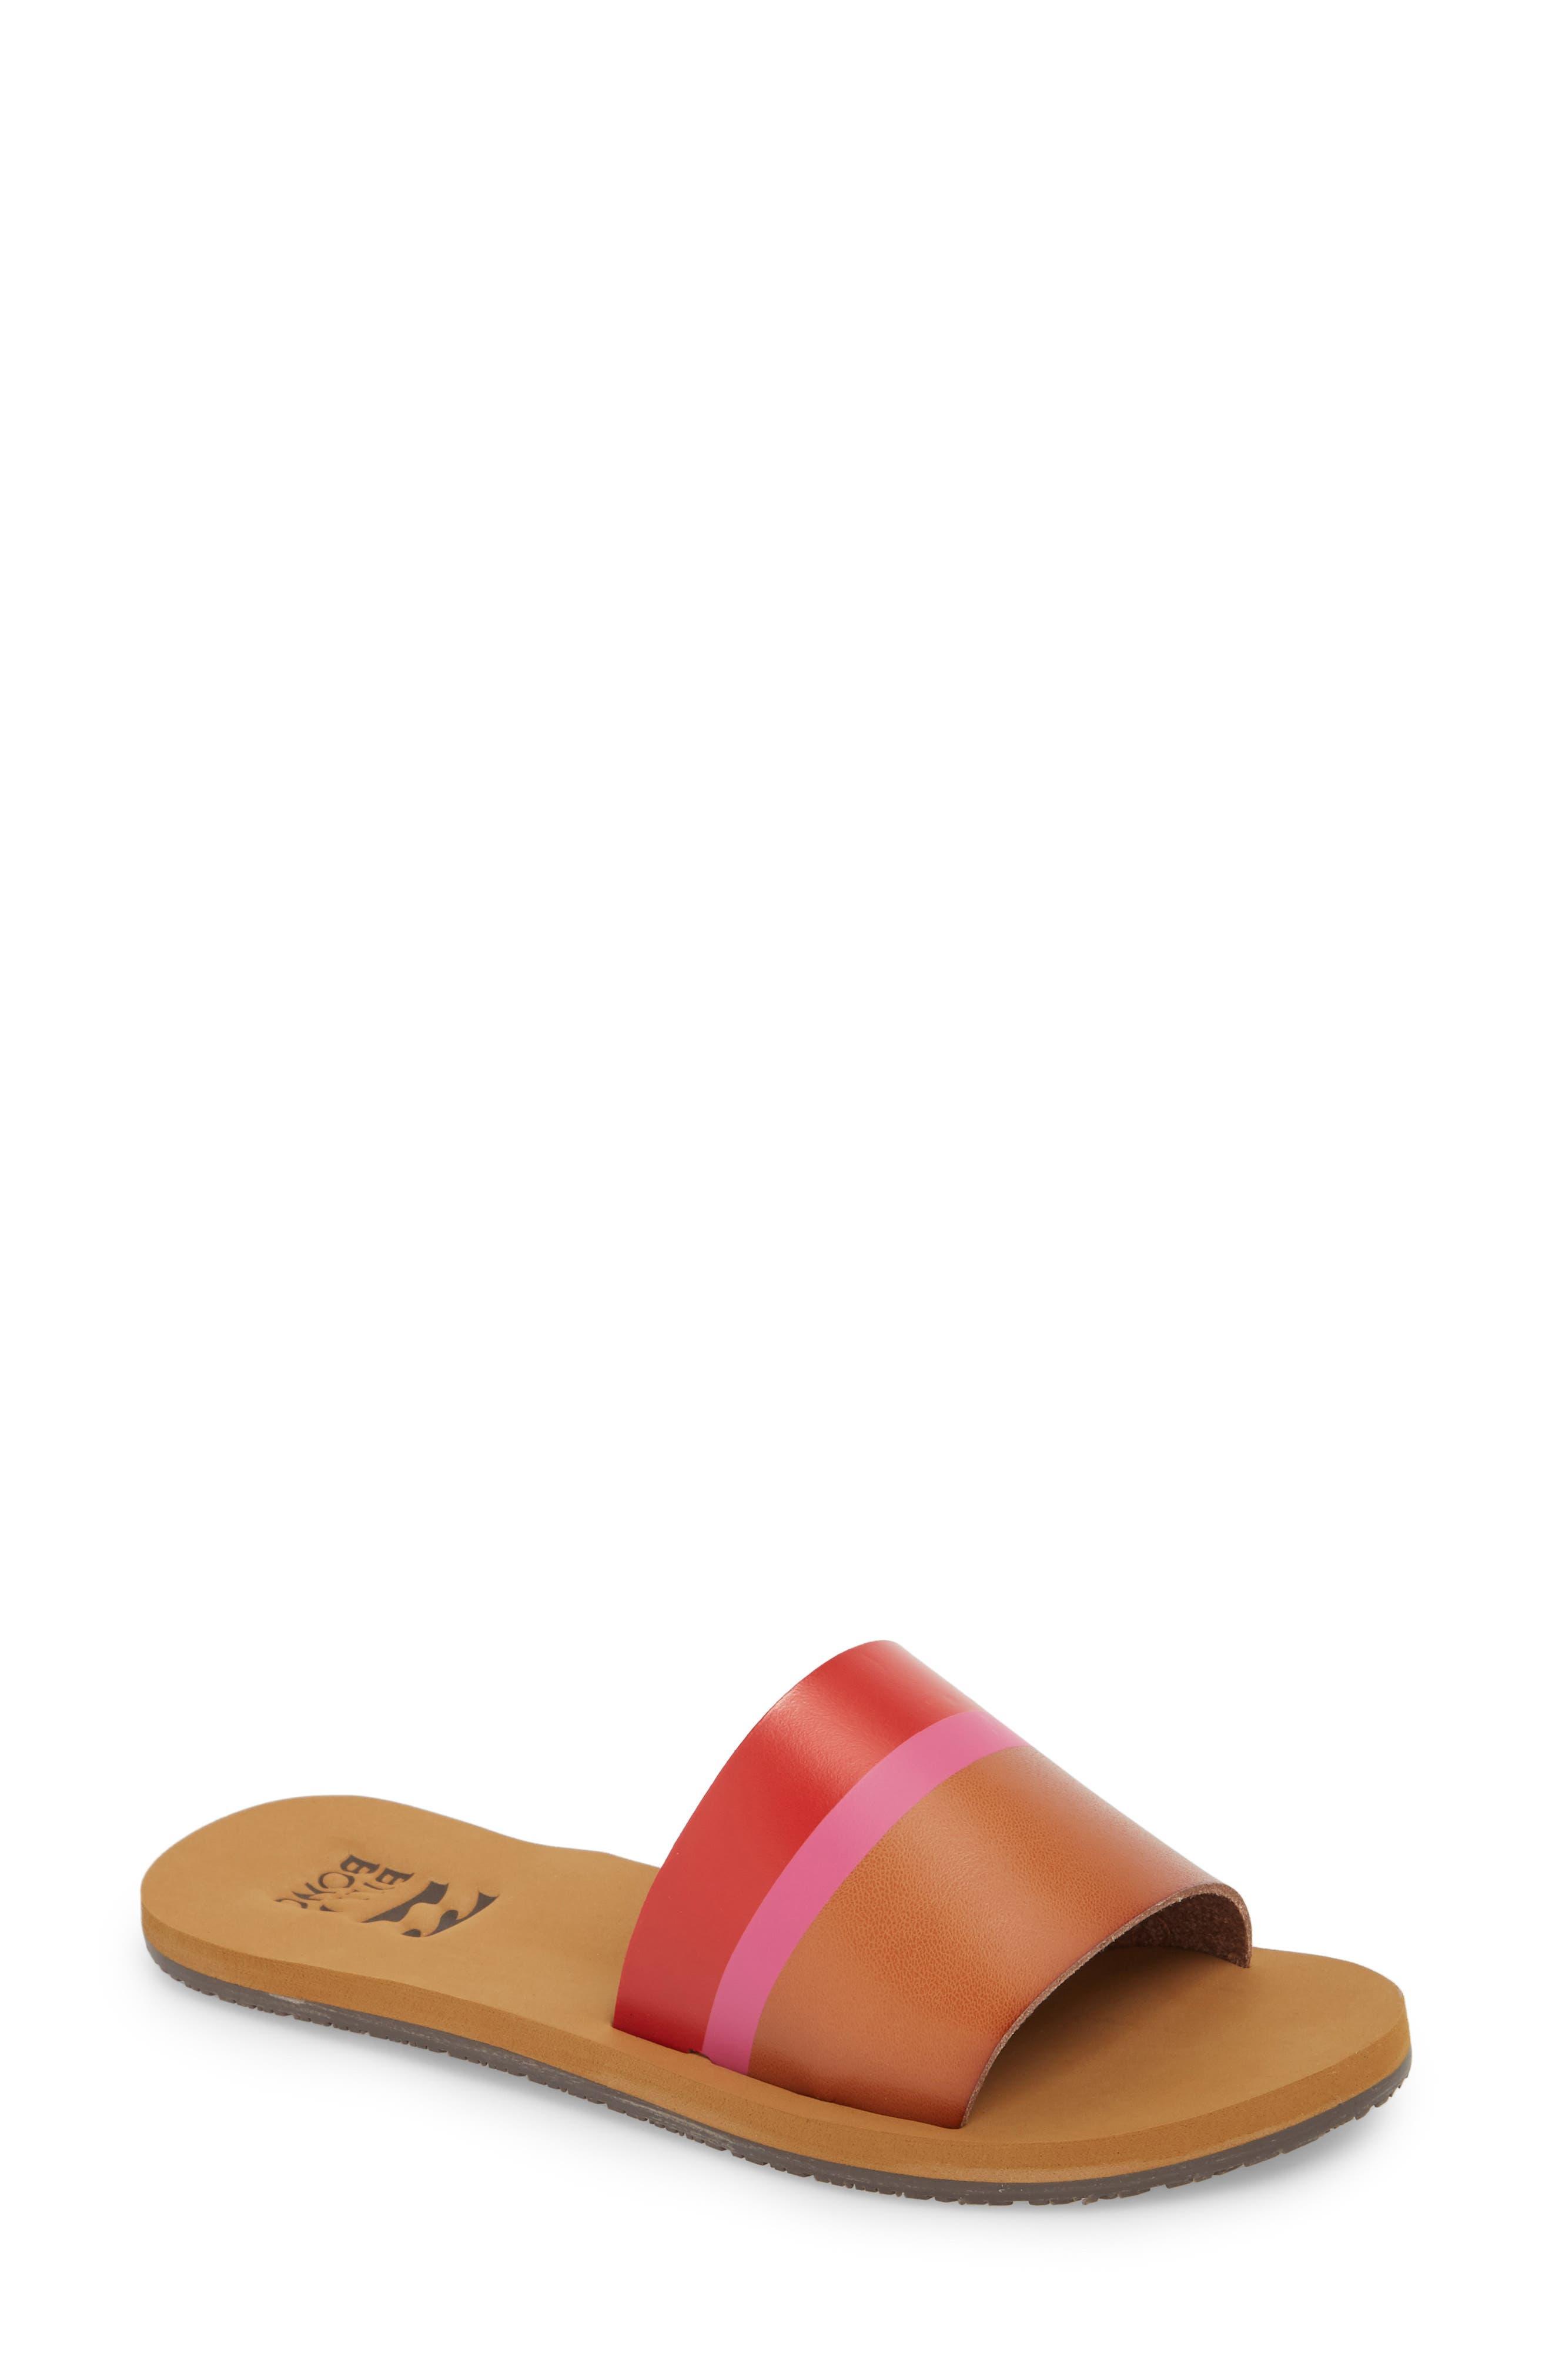 Slide Sandal,                         Main,                         color, Multi